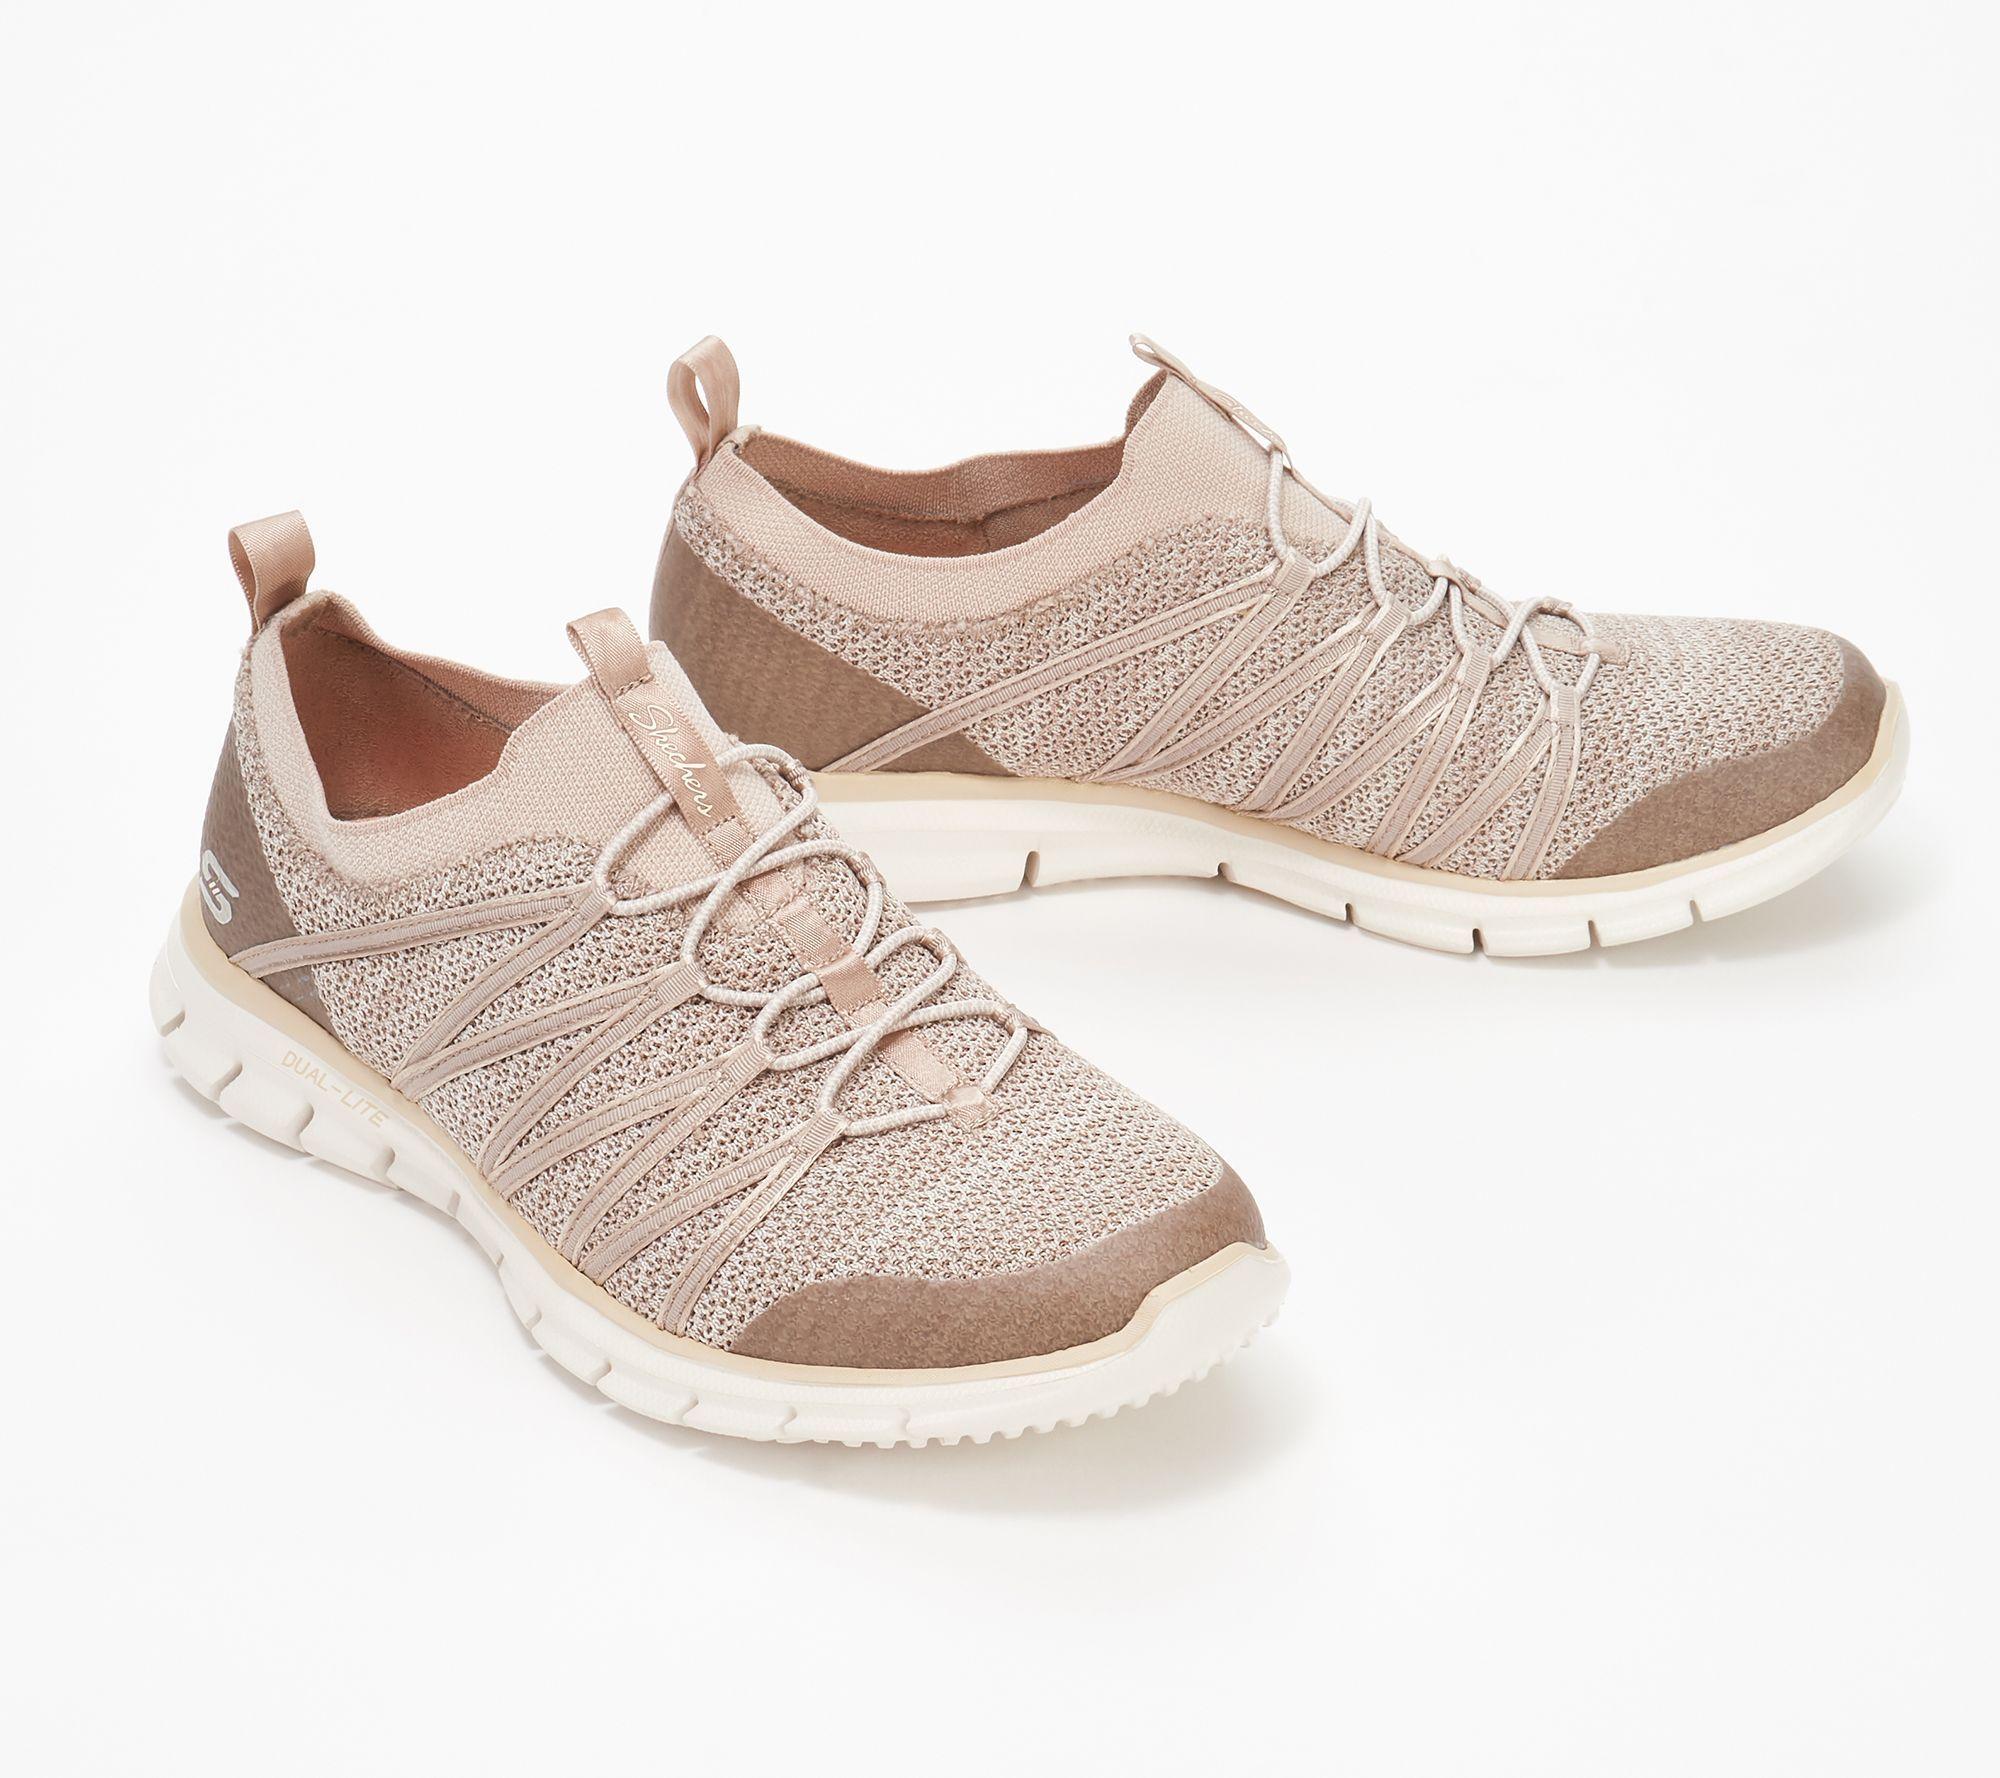 Offizieller Lieferant wähle echt um 50 Prozent reduziert Skechers Stretch-Knit Bungee Slip-On Sneakers - Glider ...